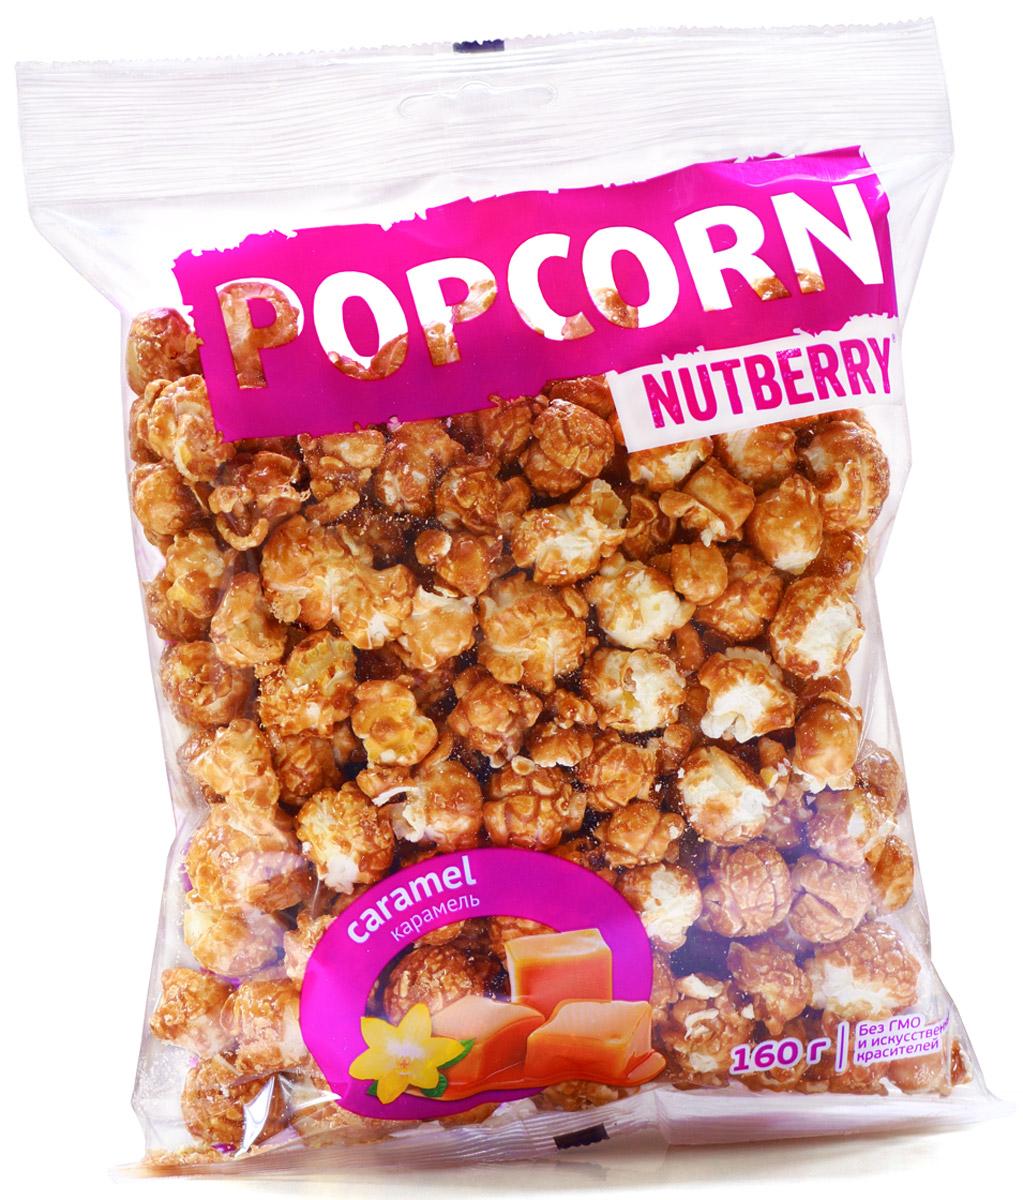 Nutberry попкорн сладкий карамель, 160 г